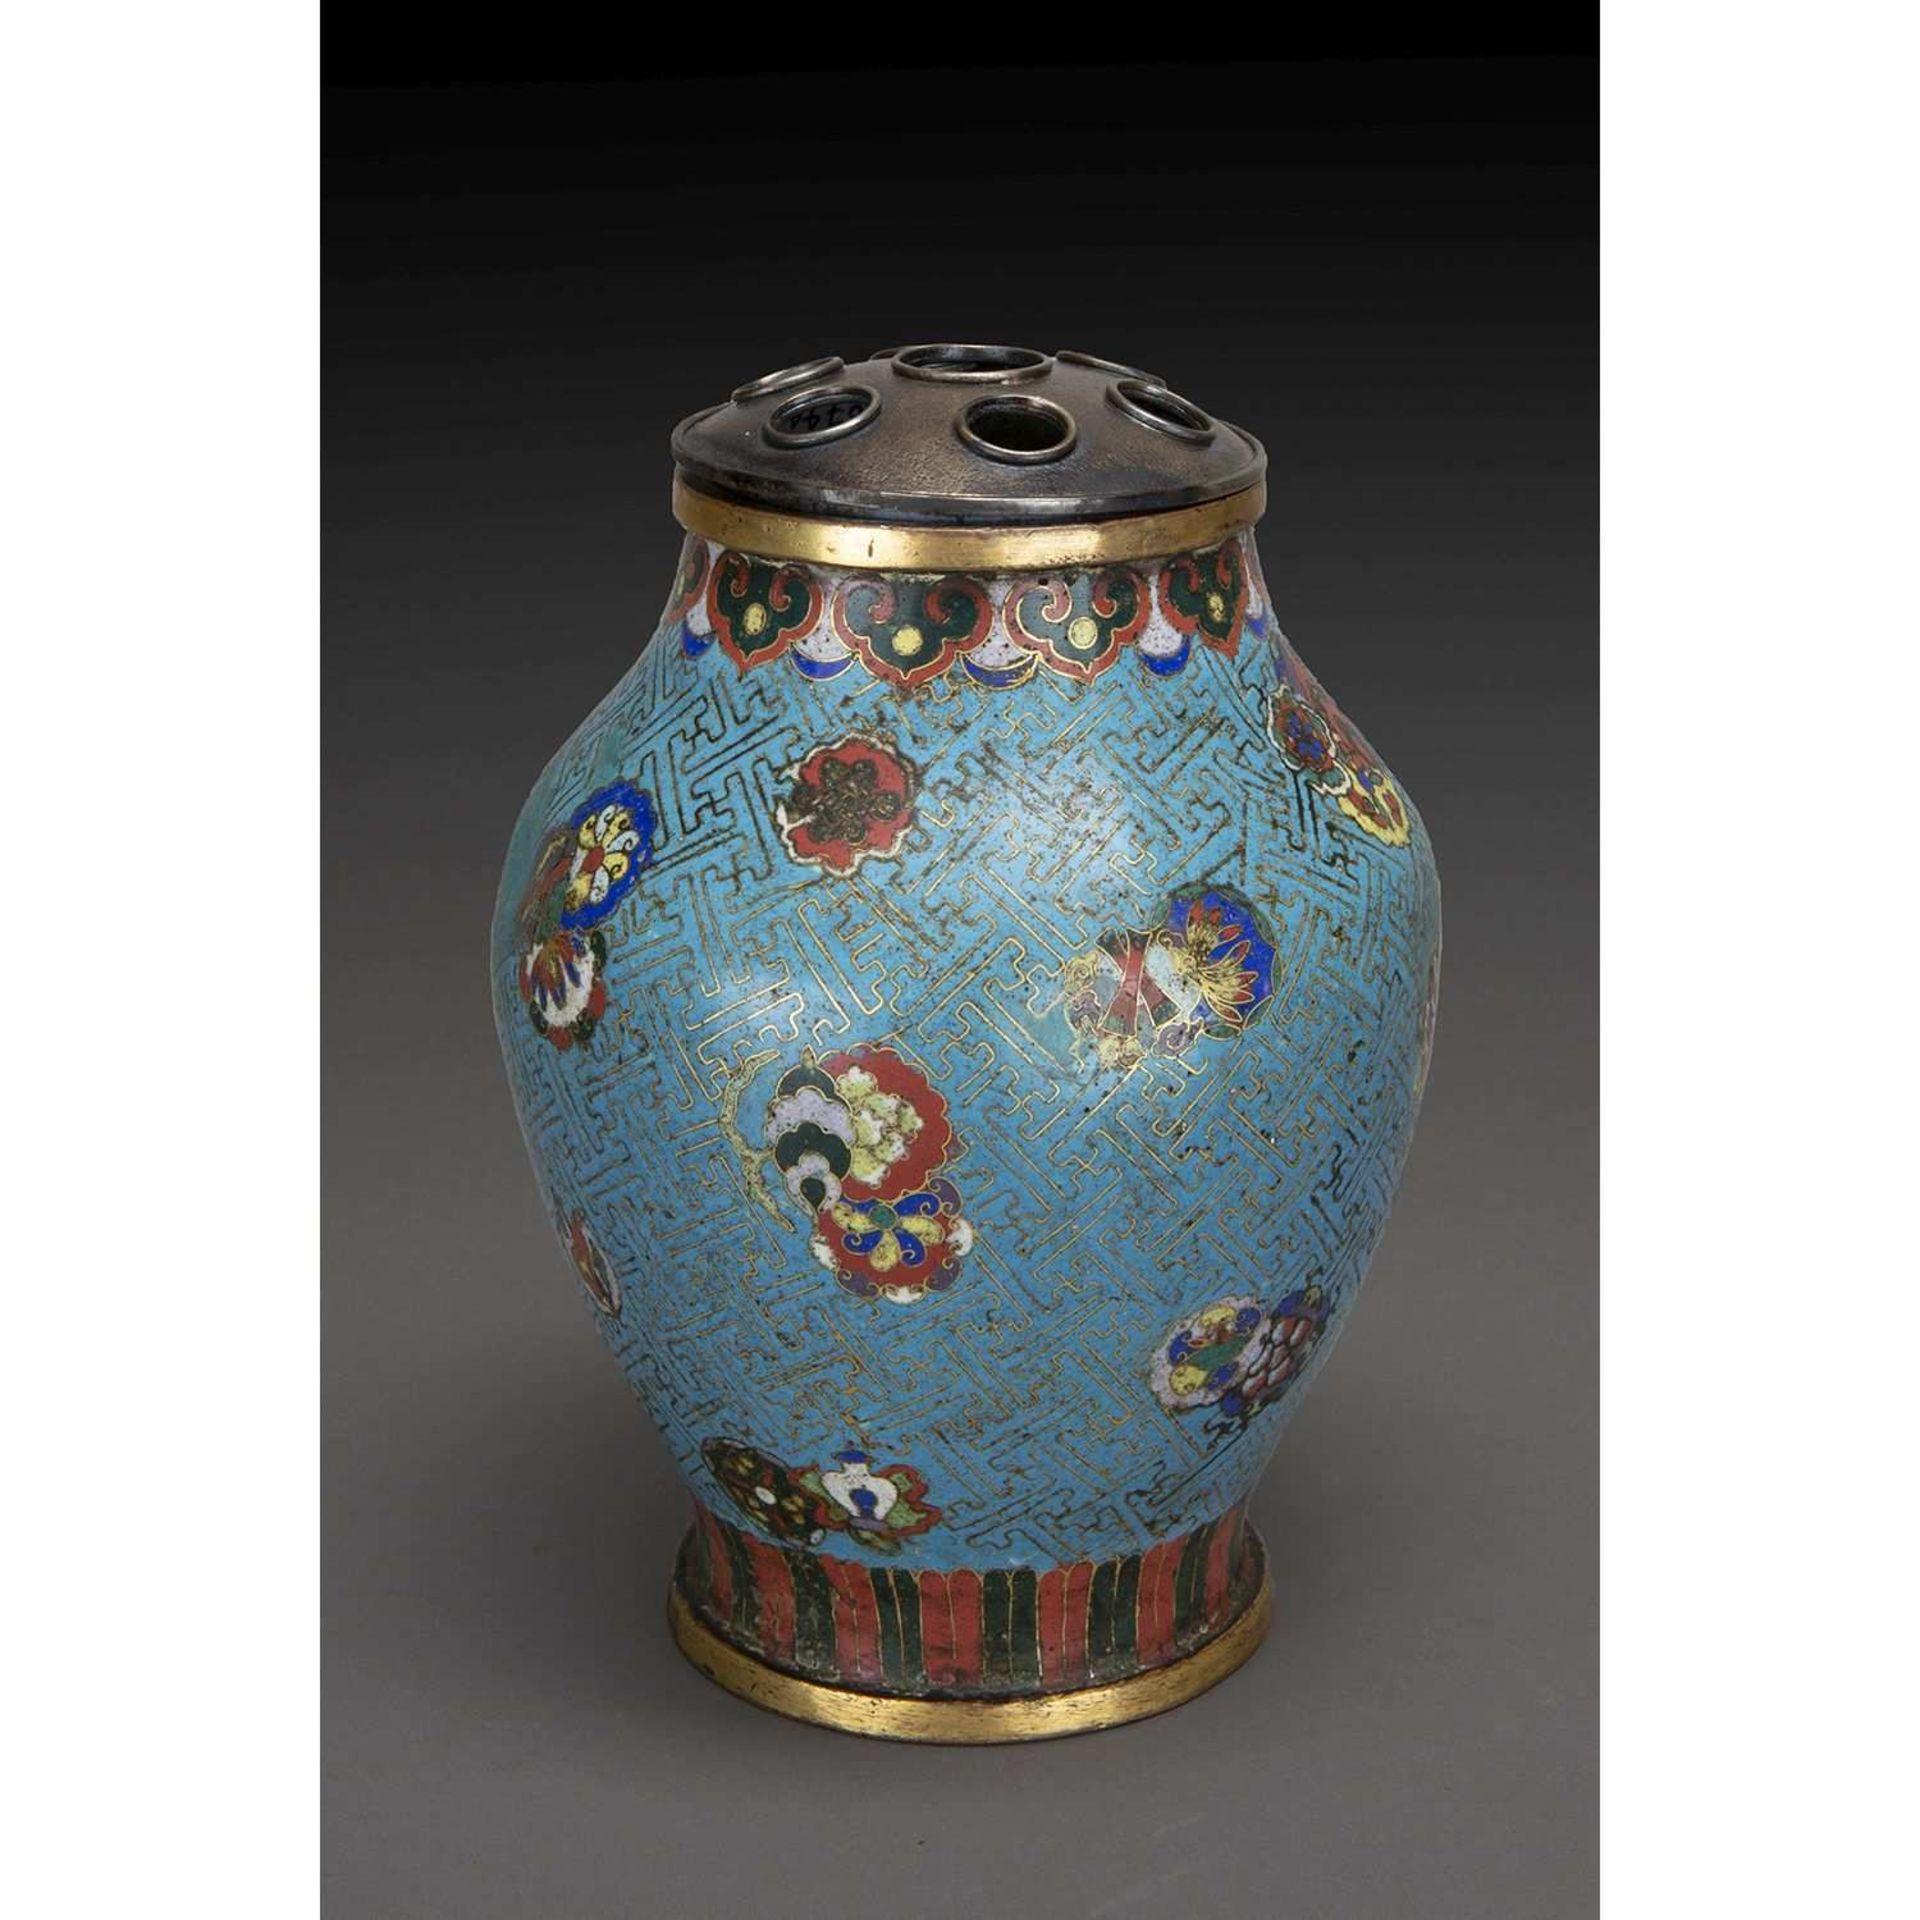 VASE DE FORME BALUSTRE en bronze et émaux cloisonnés, à décor en polychromie sur fond bleu, d'objets